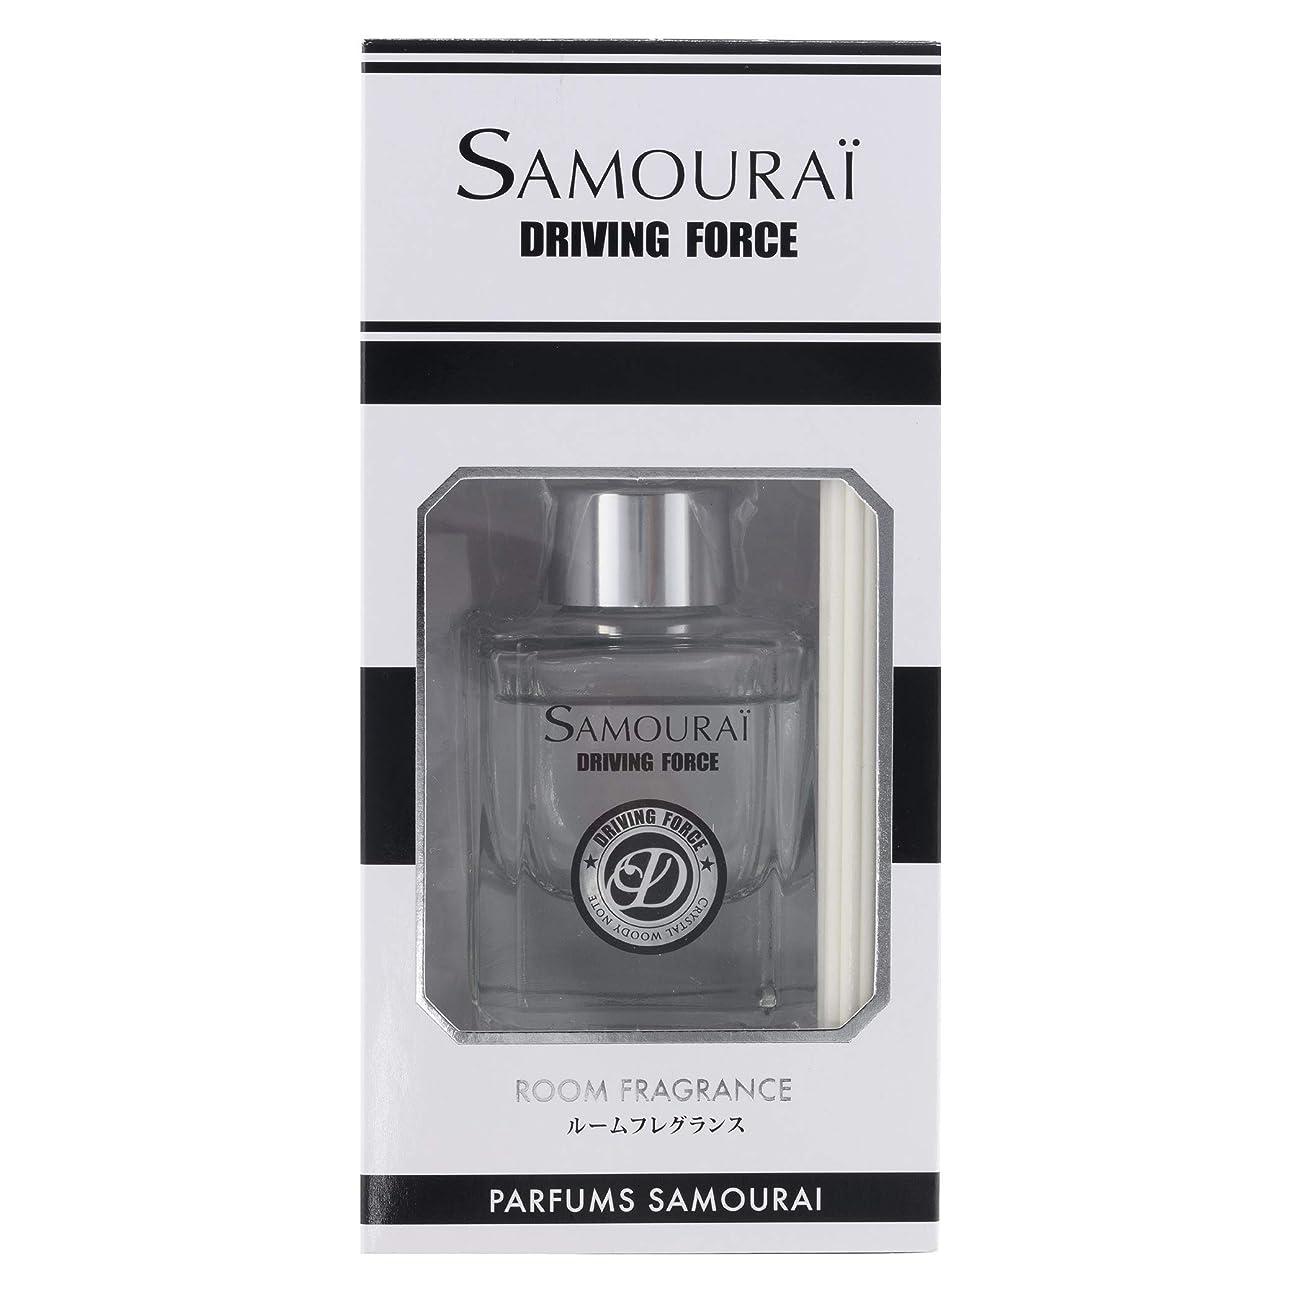 損なう接続詞入学するサムライ ドライビングフォース ルームフレグランス 60ml 香る男の新定番「サムライ ドライビングフォース」の香り